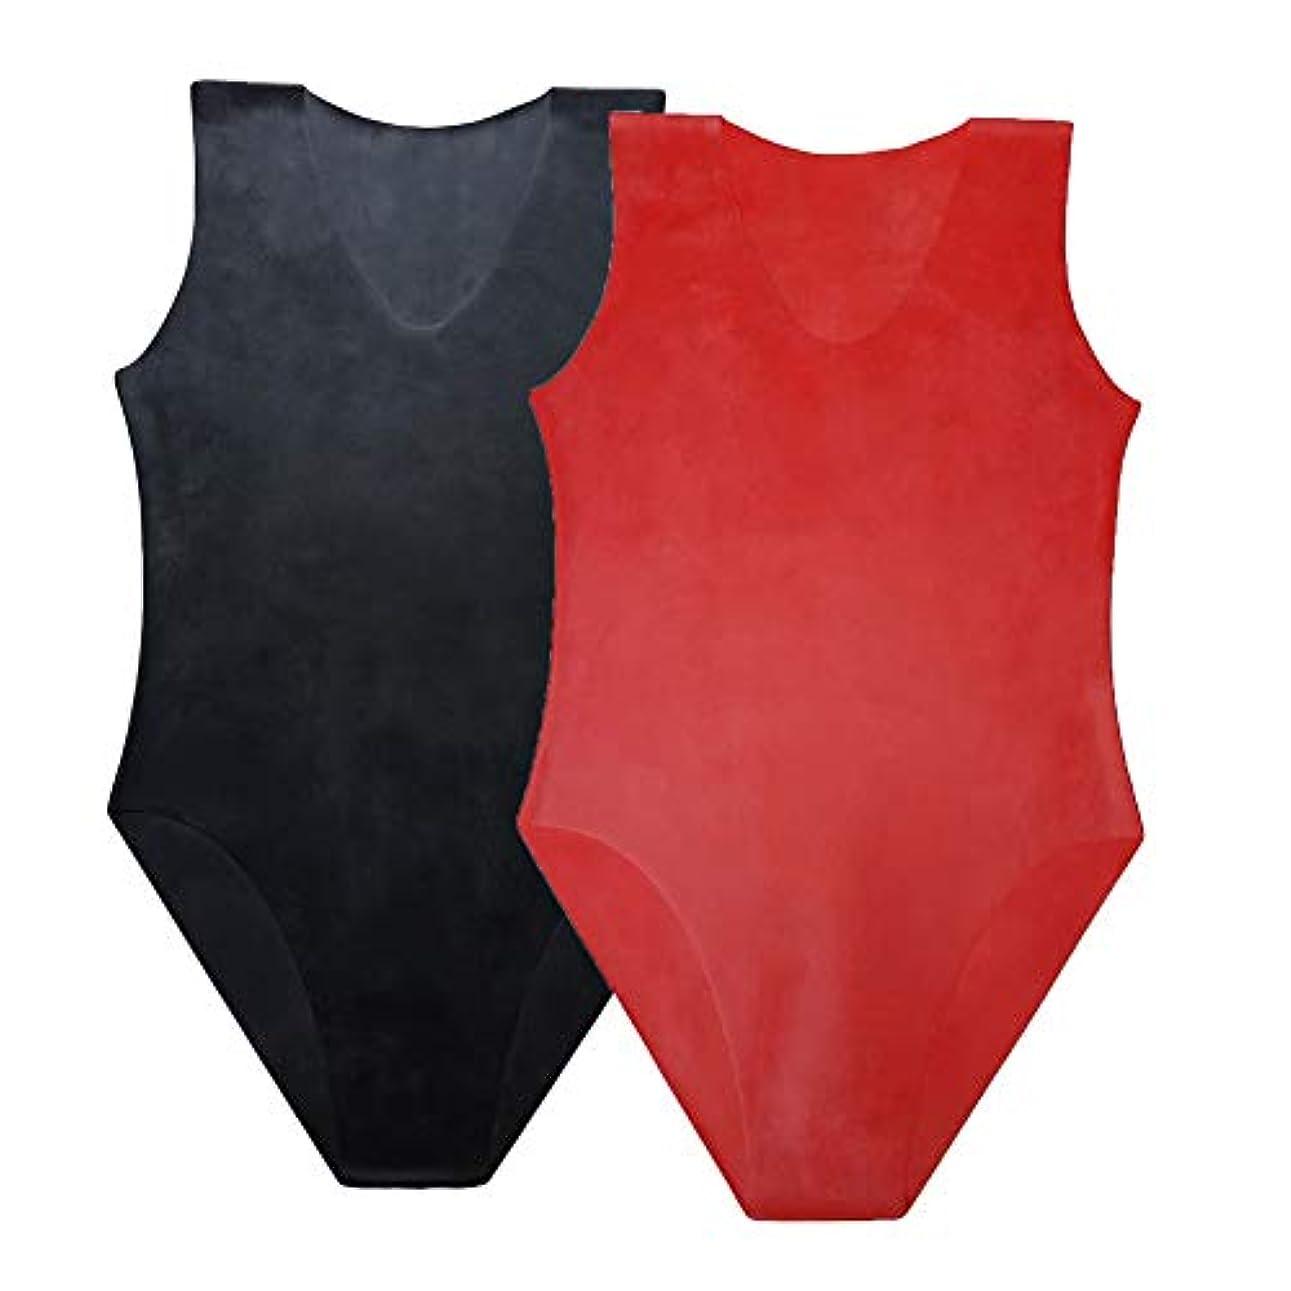 地獄パキスタン人定常EXLATEX ラテックス ボディスーツ 女性水着 ラテックス ラバー グミ レオタード ブラック ラテックス キャットスーツ